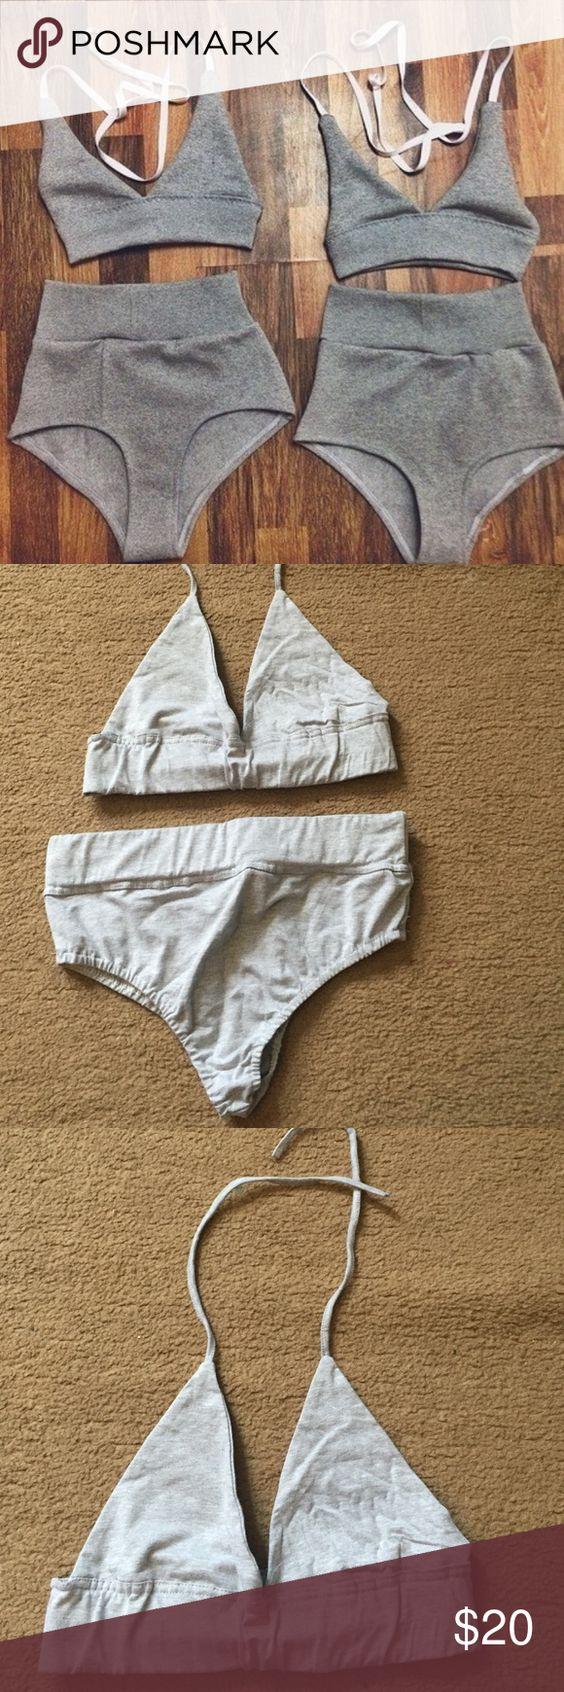 Grey High Waist Bikini 100% Cotton Grey High Waisted Bikini. Ordered a Large but fits like a Medium. Never worn. Swim Bikinis